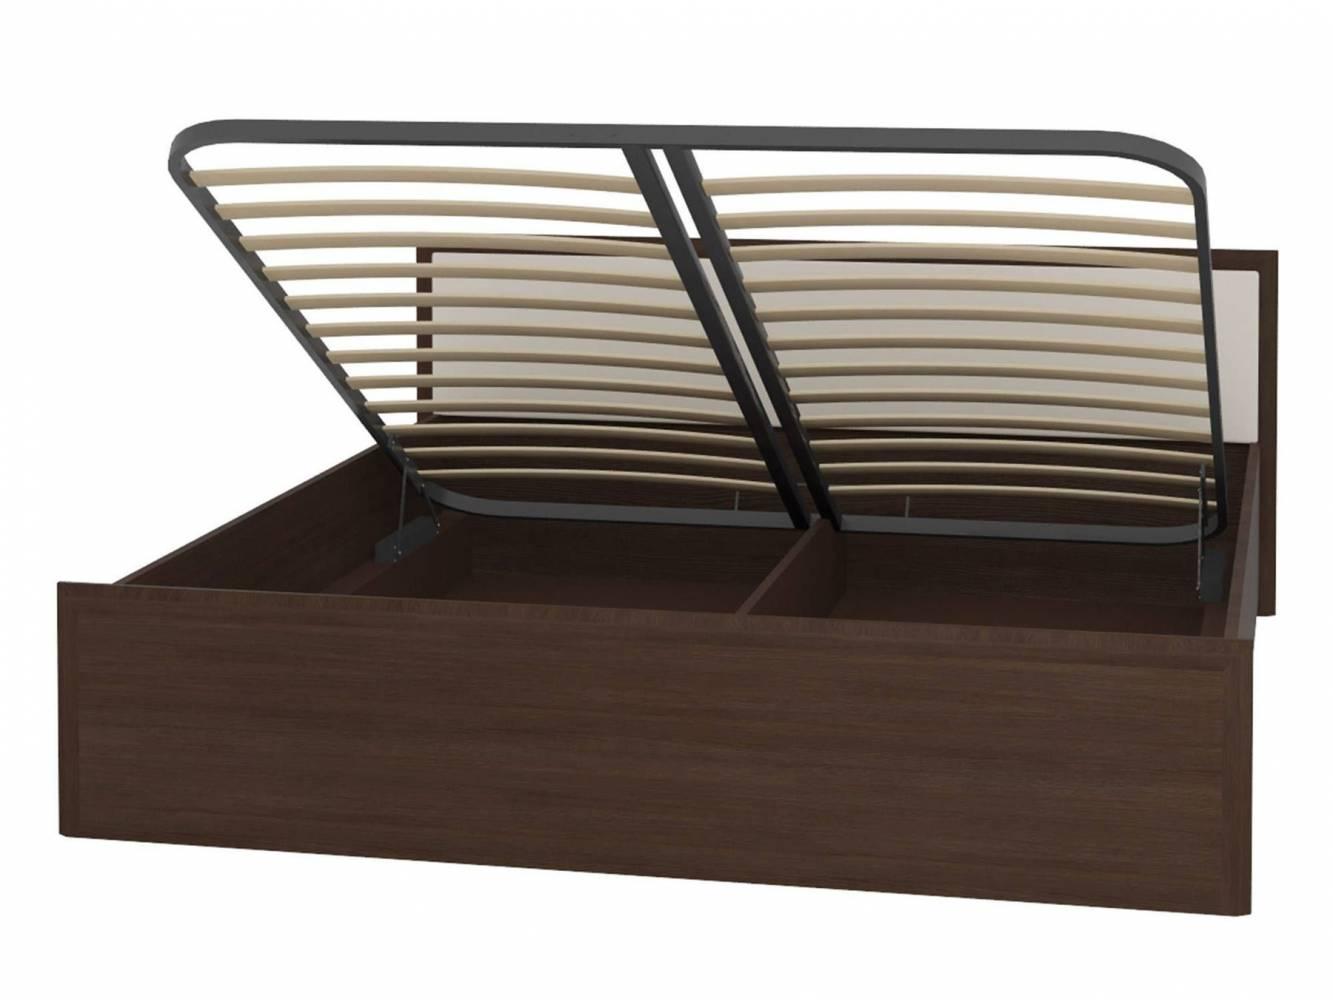 АМЕЛИ 3+3.2 Кровать 140*200 в комплекте с основанием с подъемным механизмом